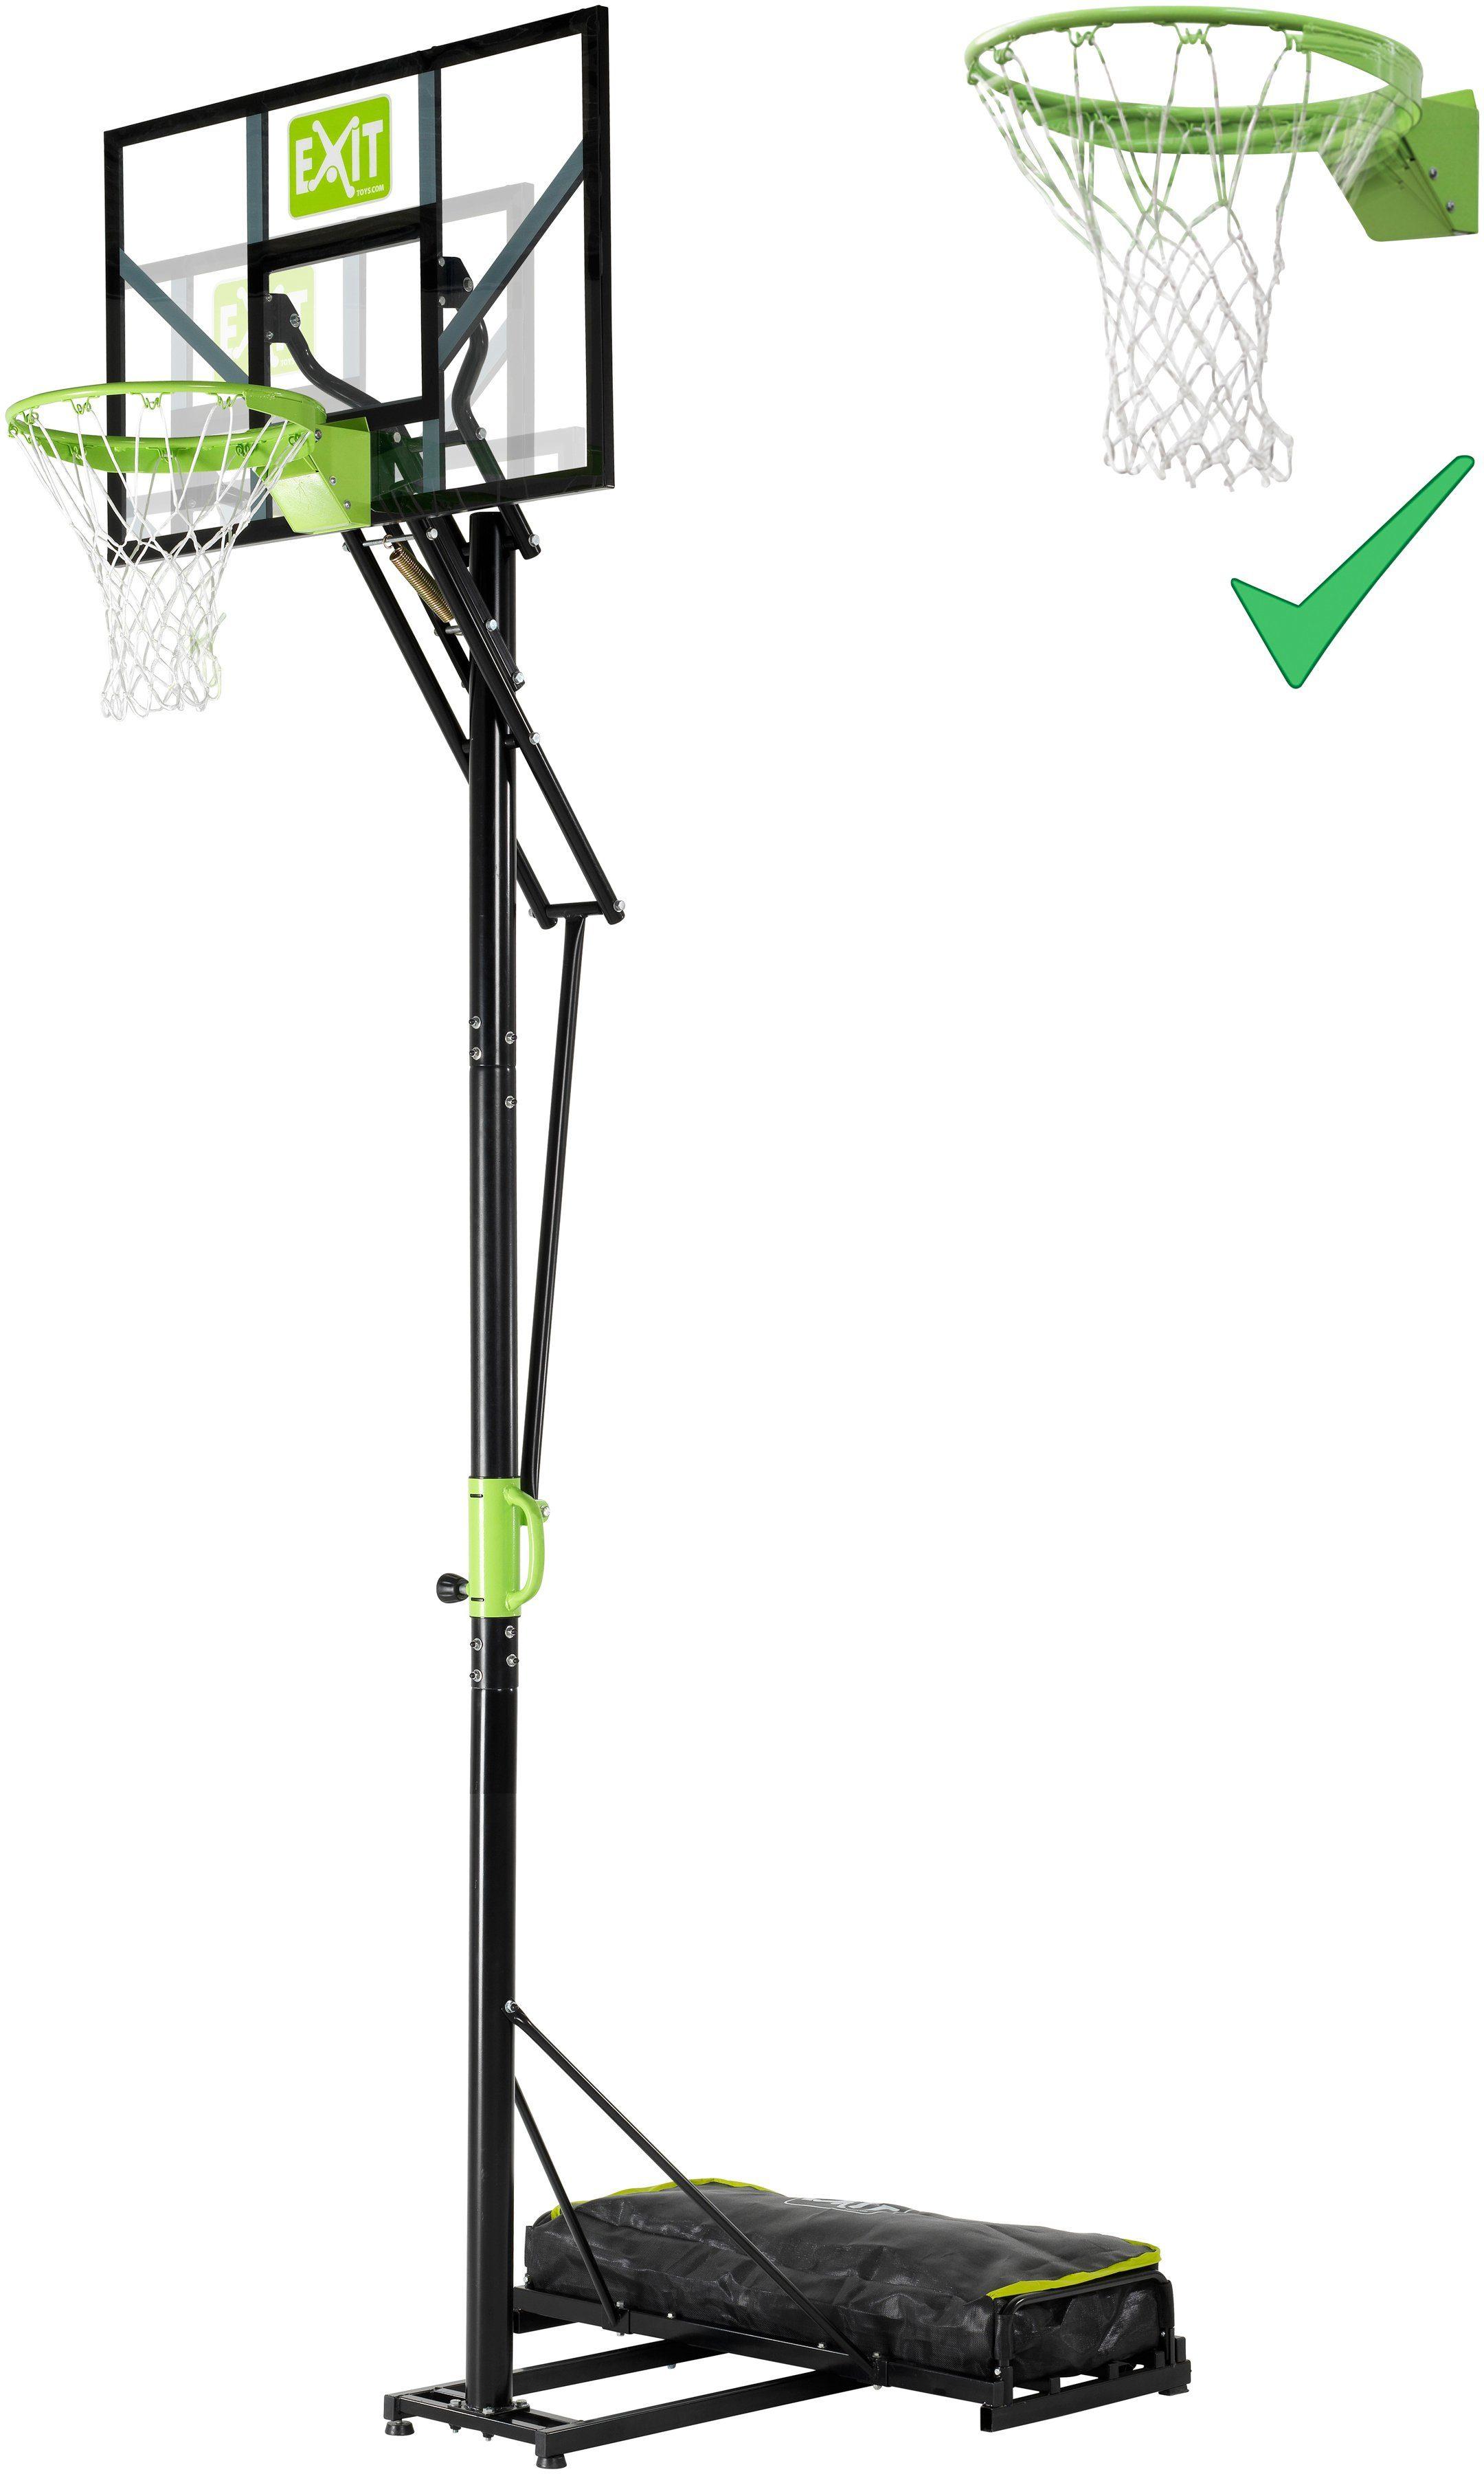 EXIT Basketballanlage »Polestar Portable Basket«, in 5 Höhen einstellbar, mit Dunkring